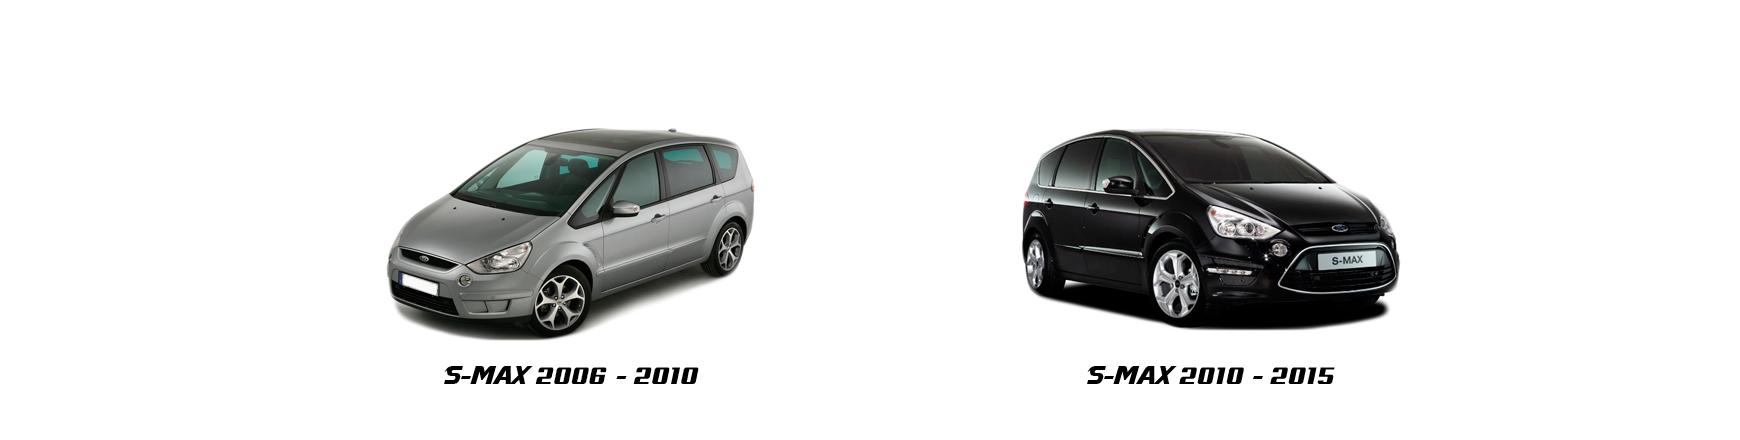 Recambios de ford s-max 2006, 2007, 2008, 2009 y  2010 baratos.